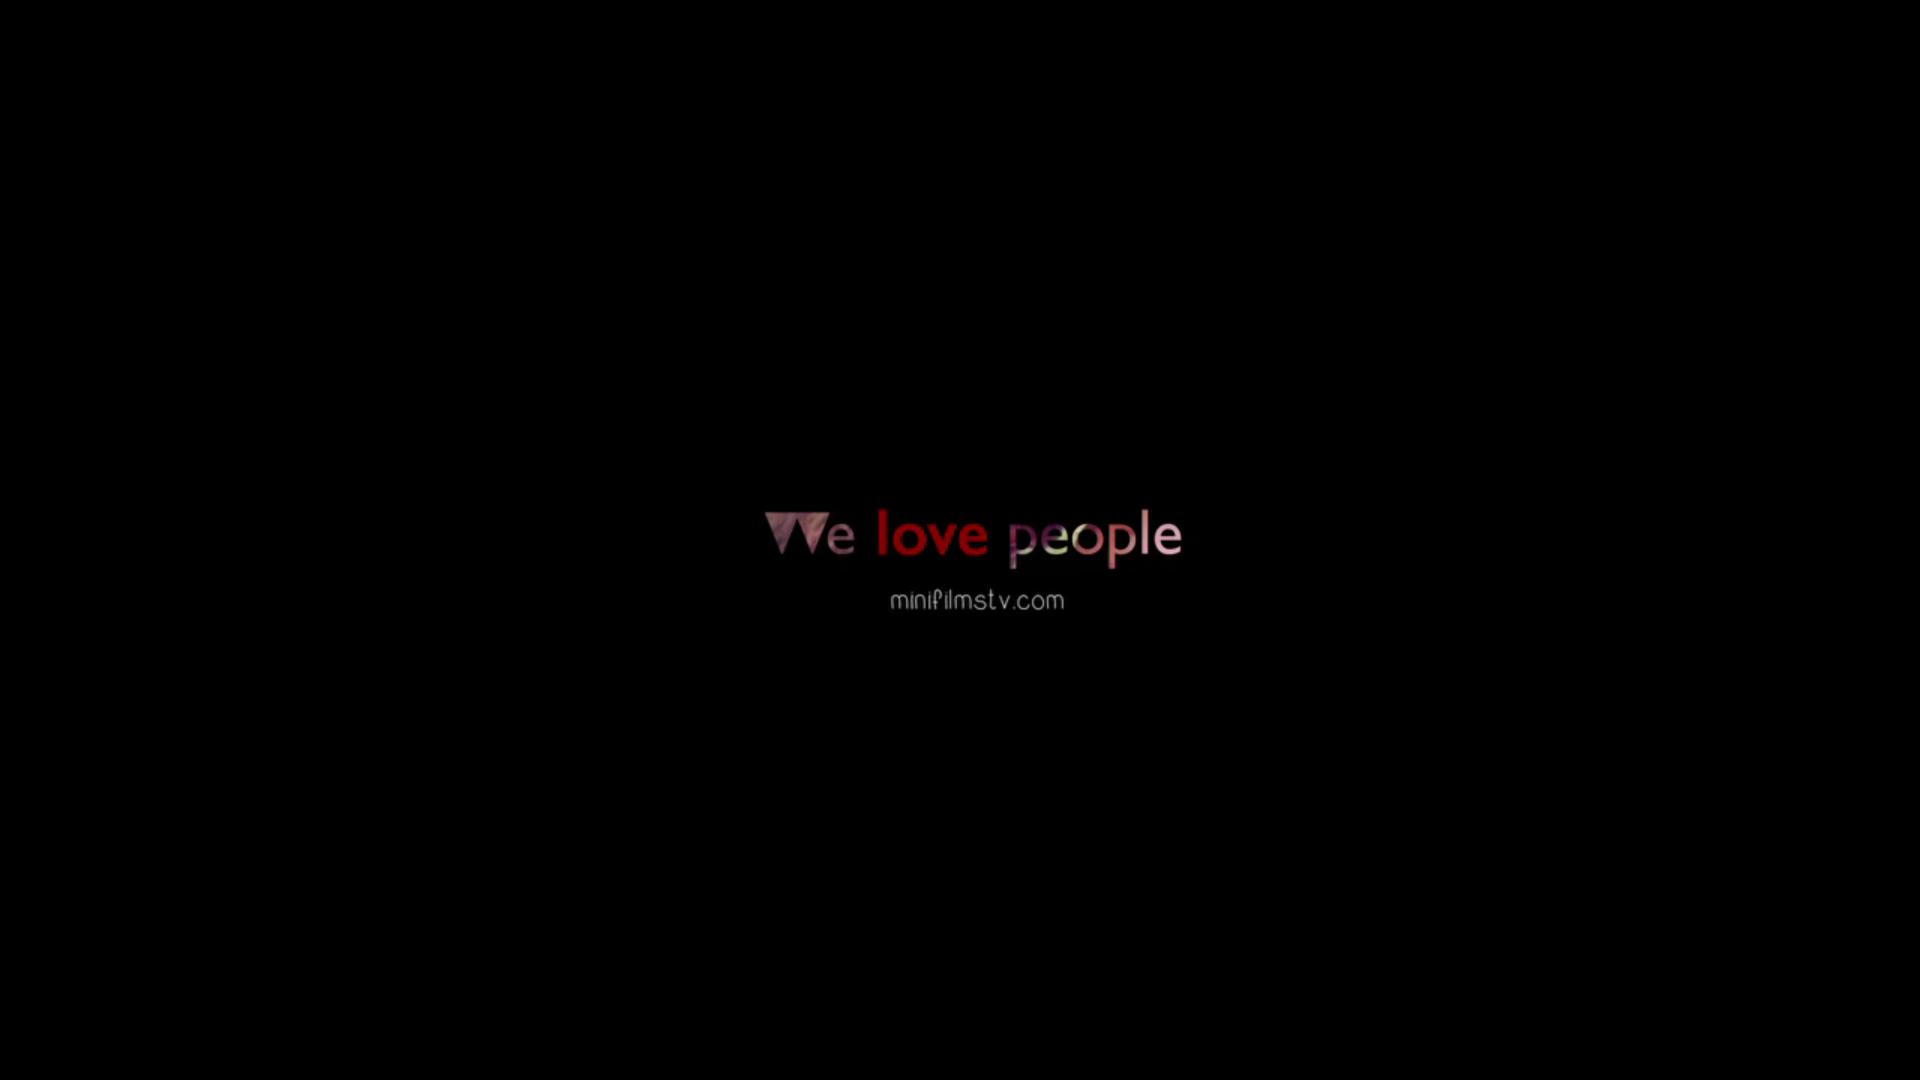 We love People